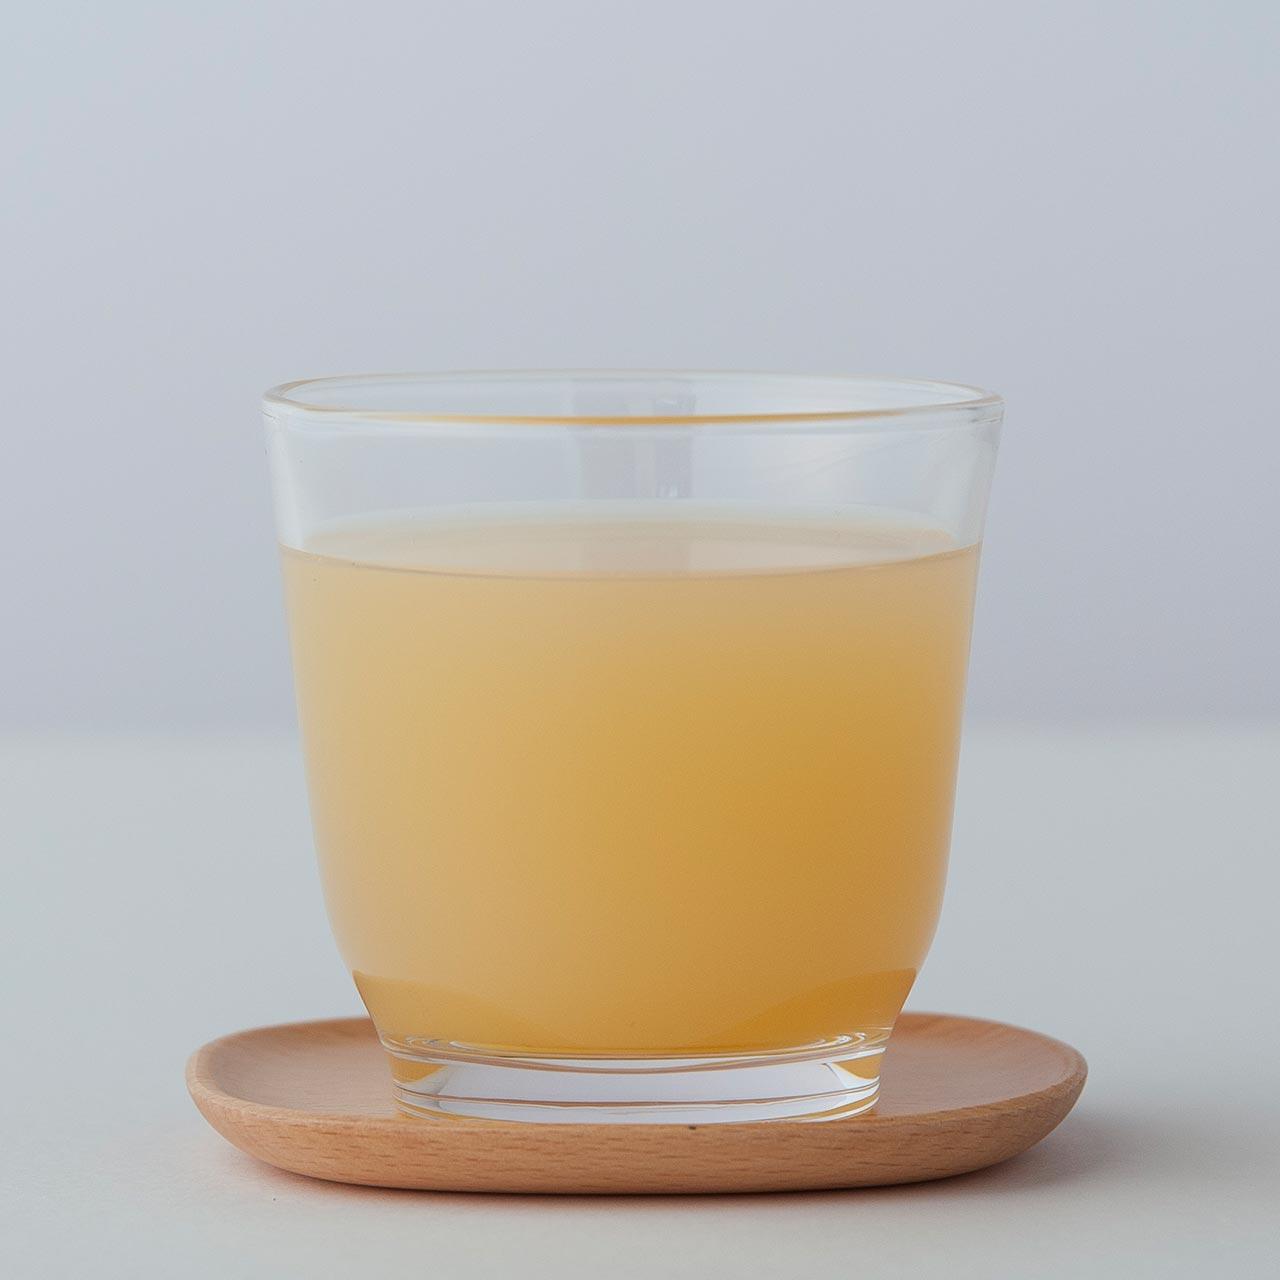 ビン60本入り 医果同源未熟りんご入りりんごジュース